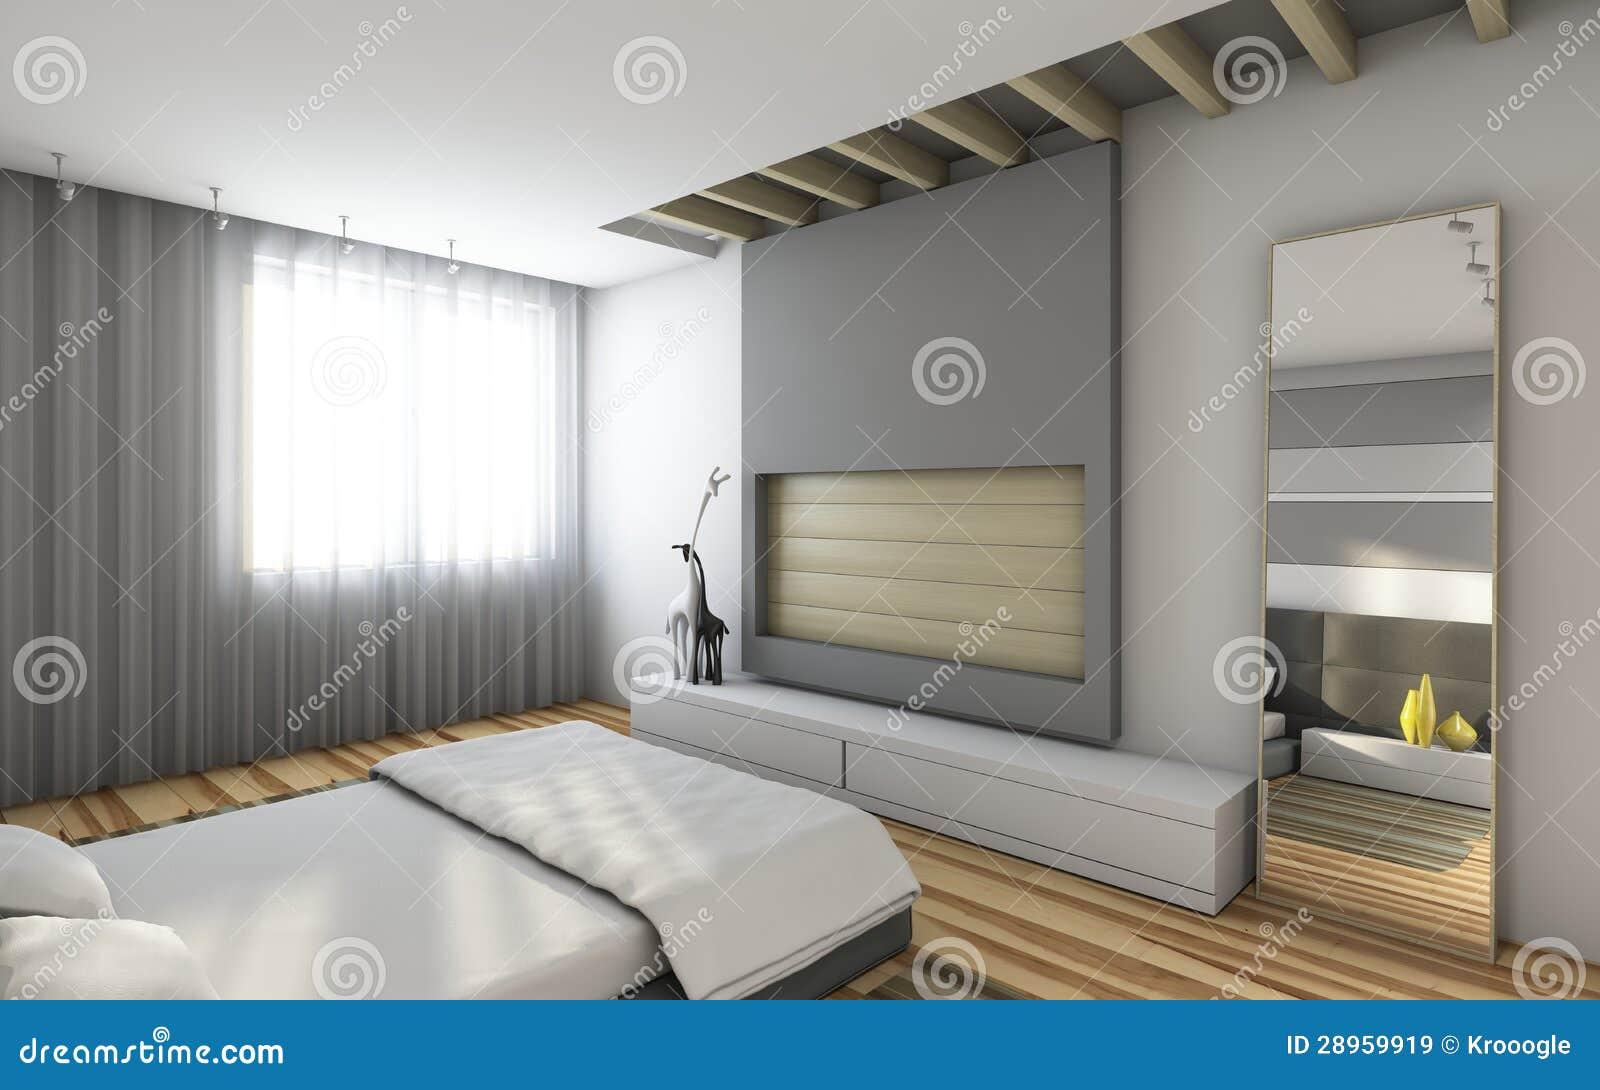 Grijze slaapkamer royalty vrije stock afbeeldingen beeld 28959919 - Grijze slaapkamer ...